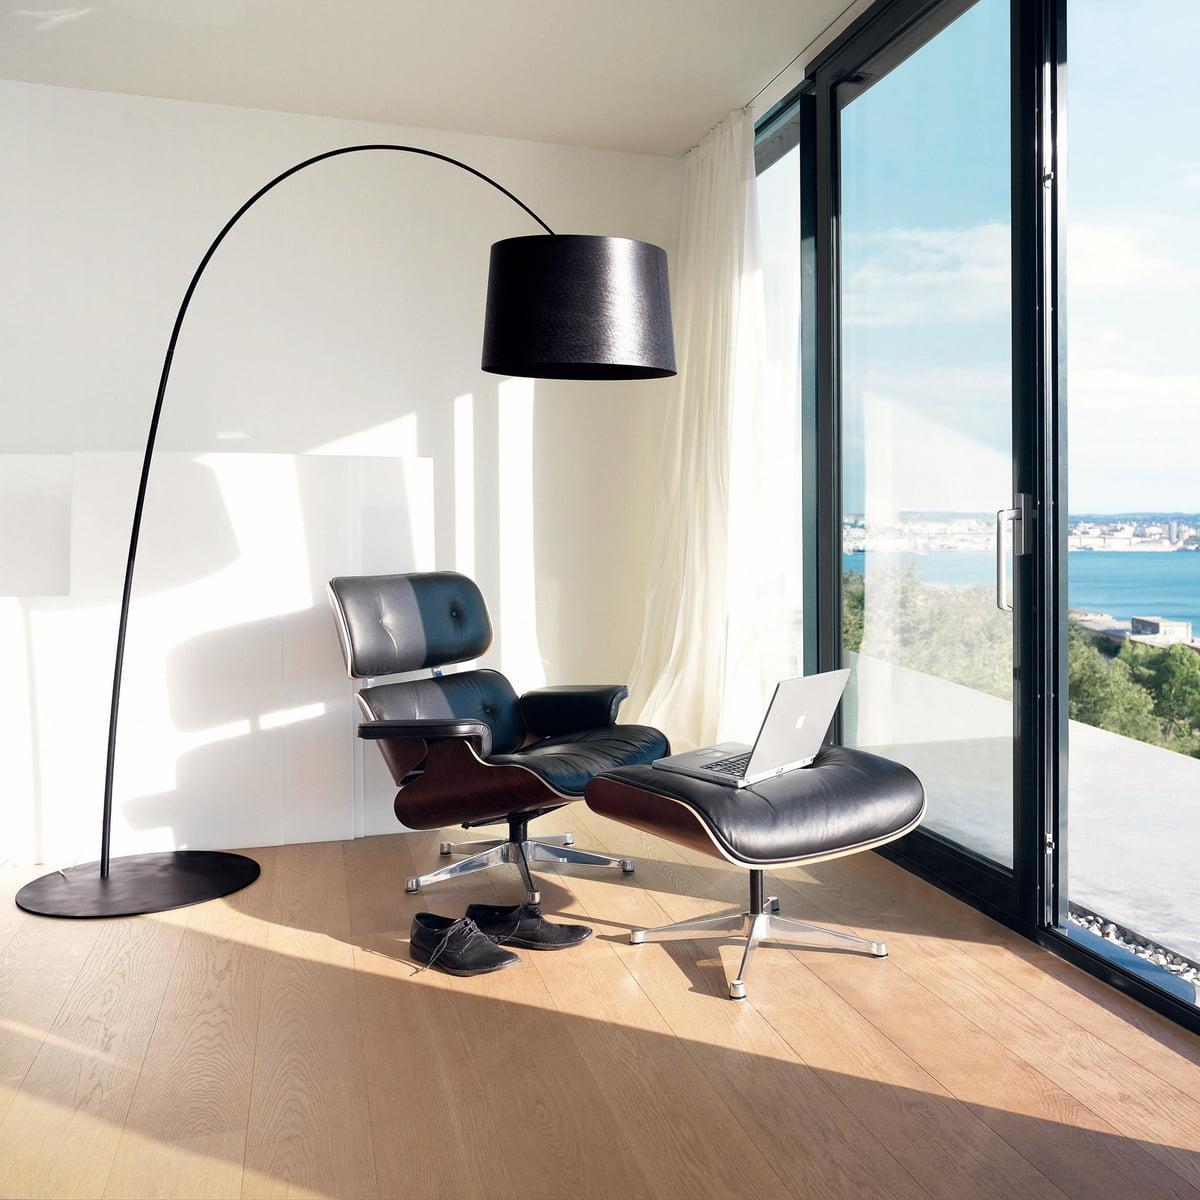 Twiggy Bogenleuchte Von Foscarini Mit Lounge Chair U0026 Ottoman Von Vitra